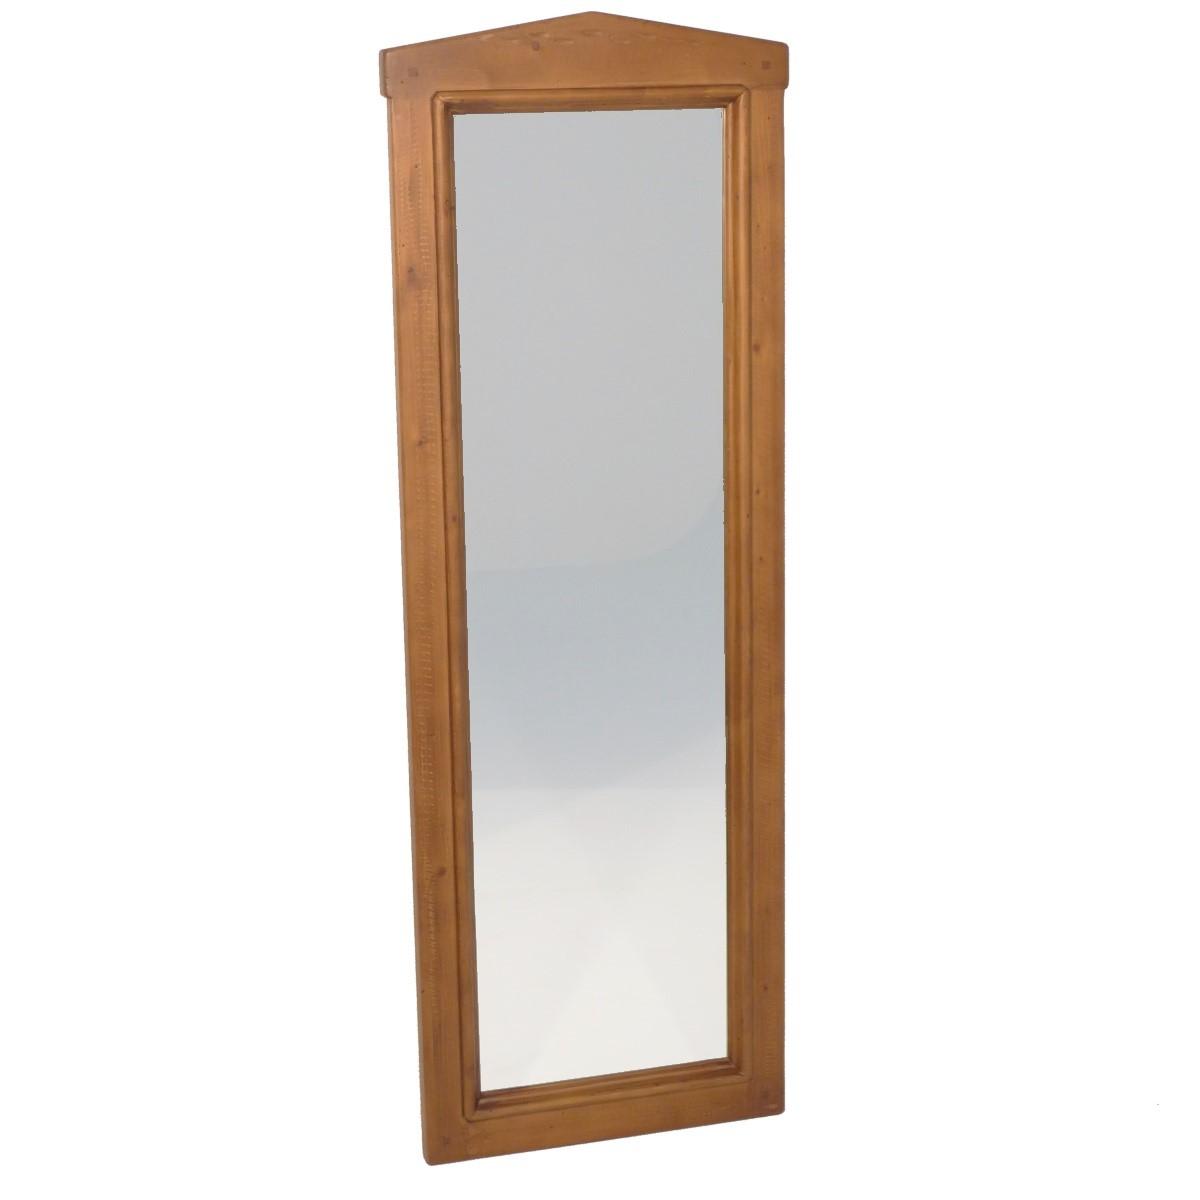 marco r stico vertical con espejo ecor stico venta de